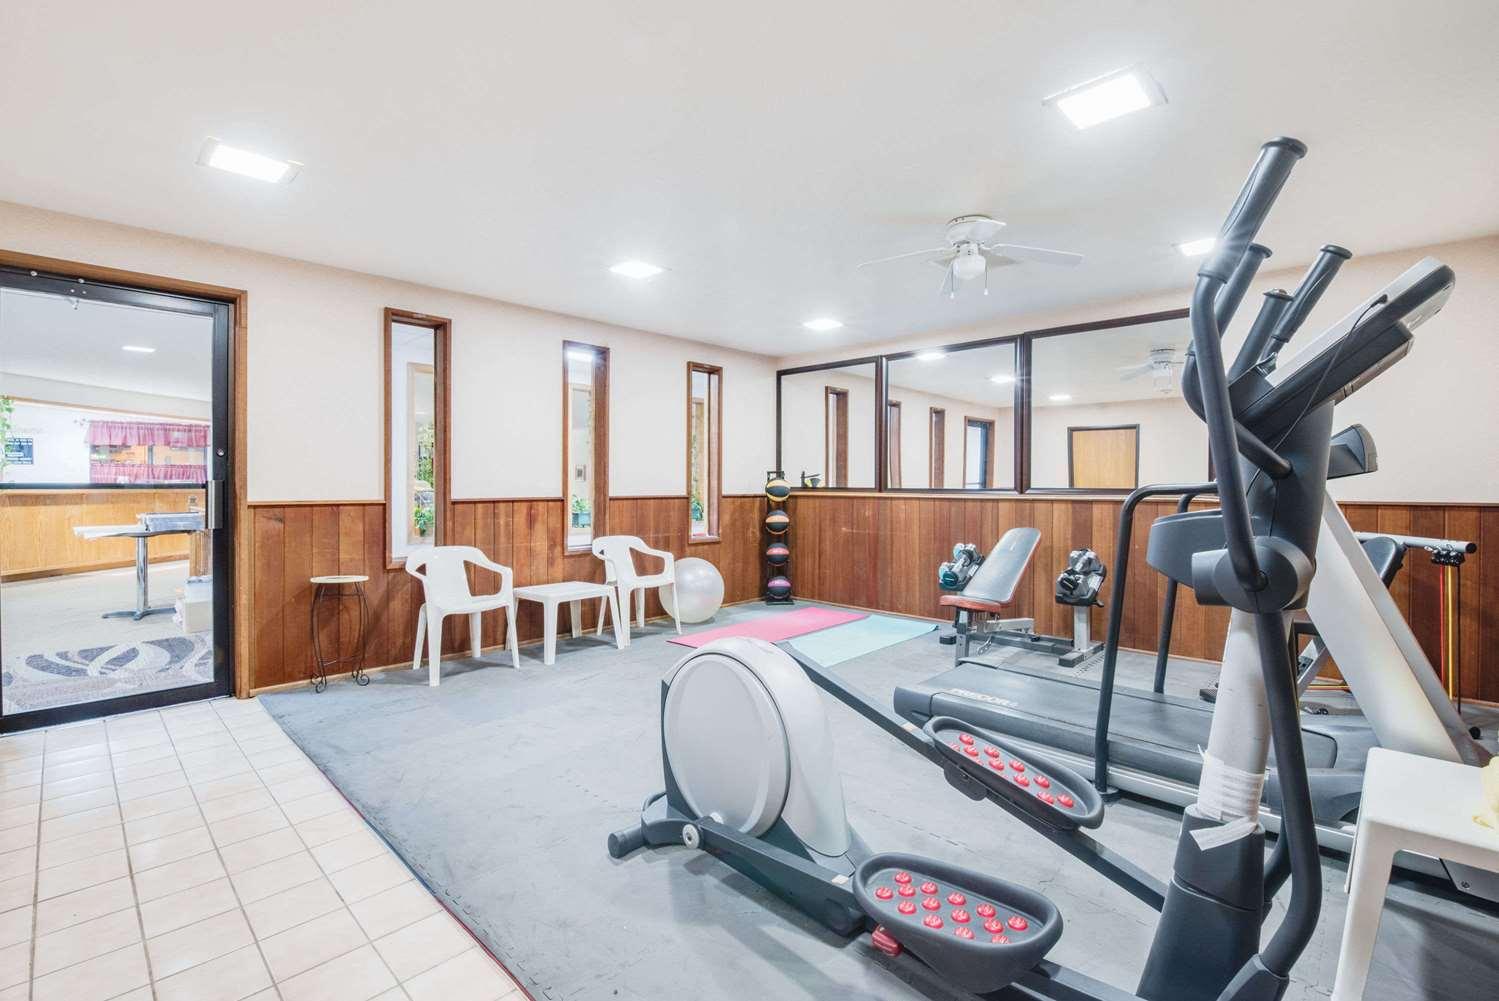 Fitness/ Exercise Room - Days Inn Sturgis